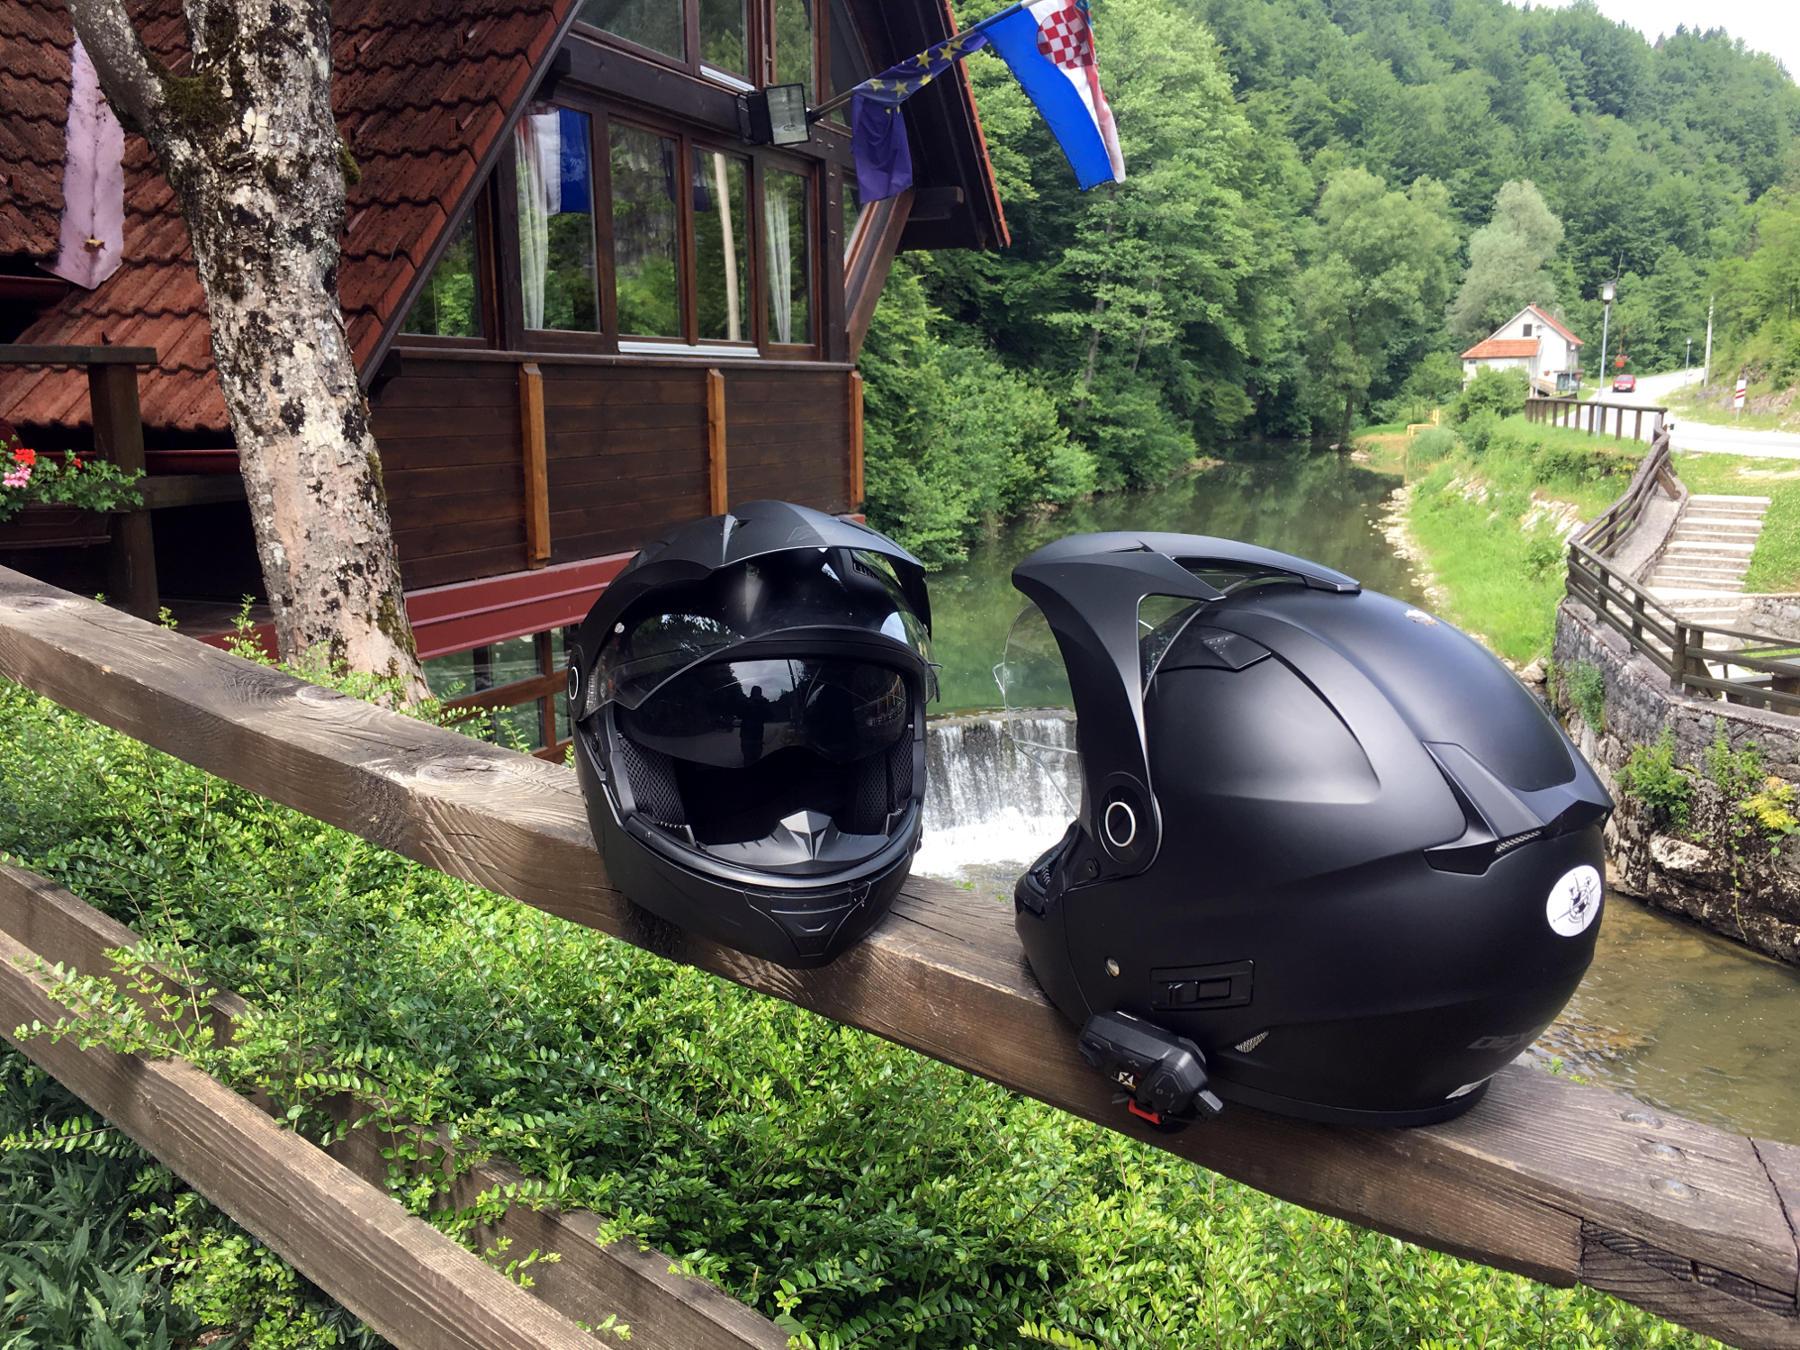 Ningún problema para introducir el micrófono de un intercomunicador en la mentonera del casco